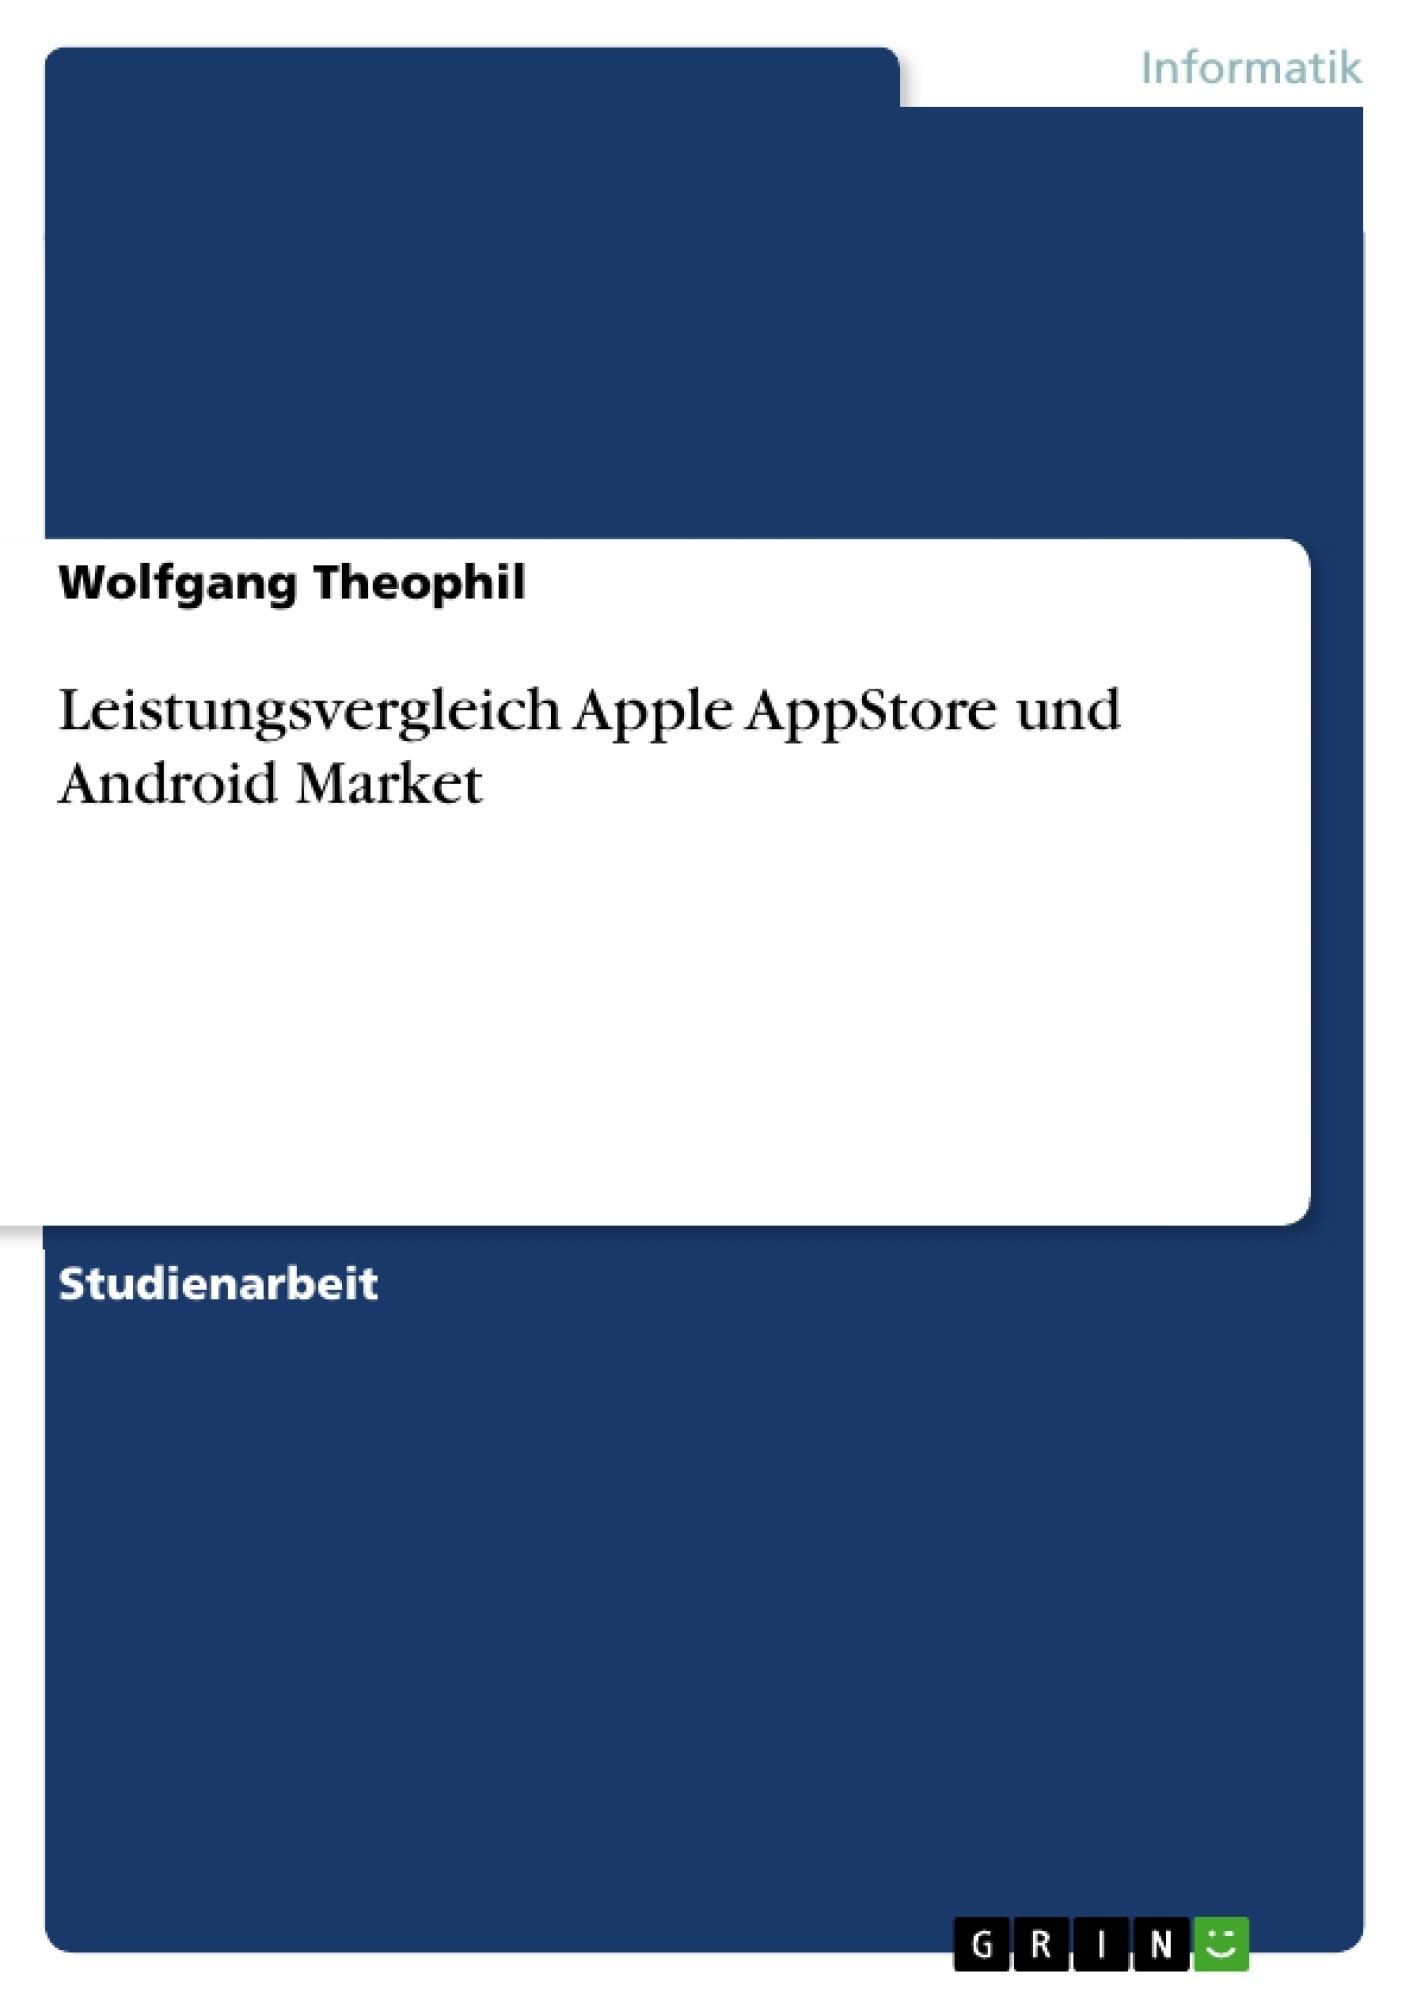 Titel: Leistungsvergleich Apple AppStore und Android Market